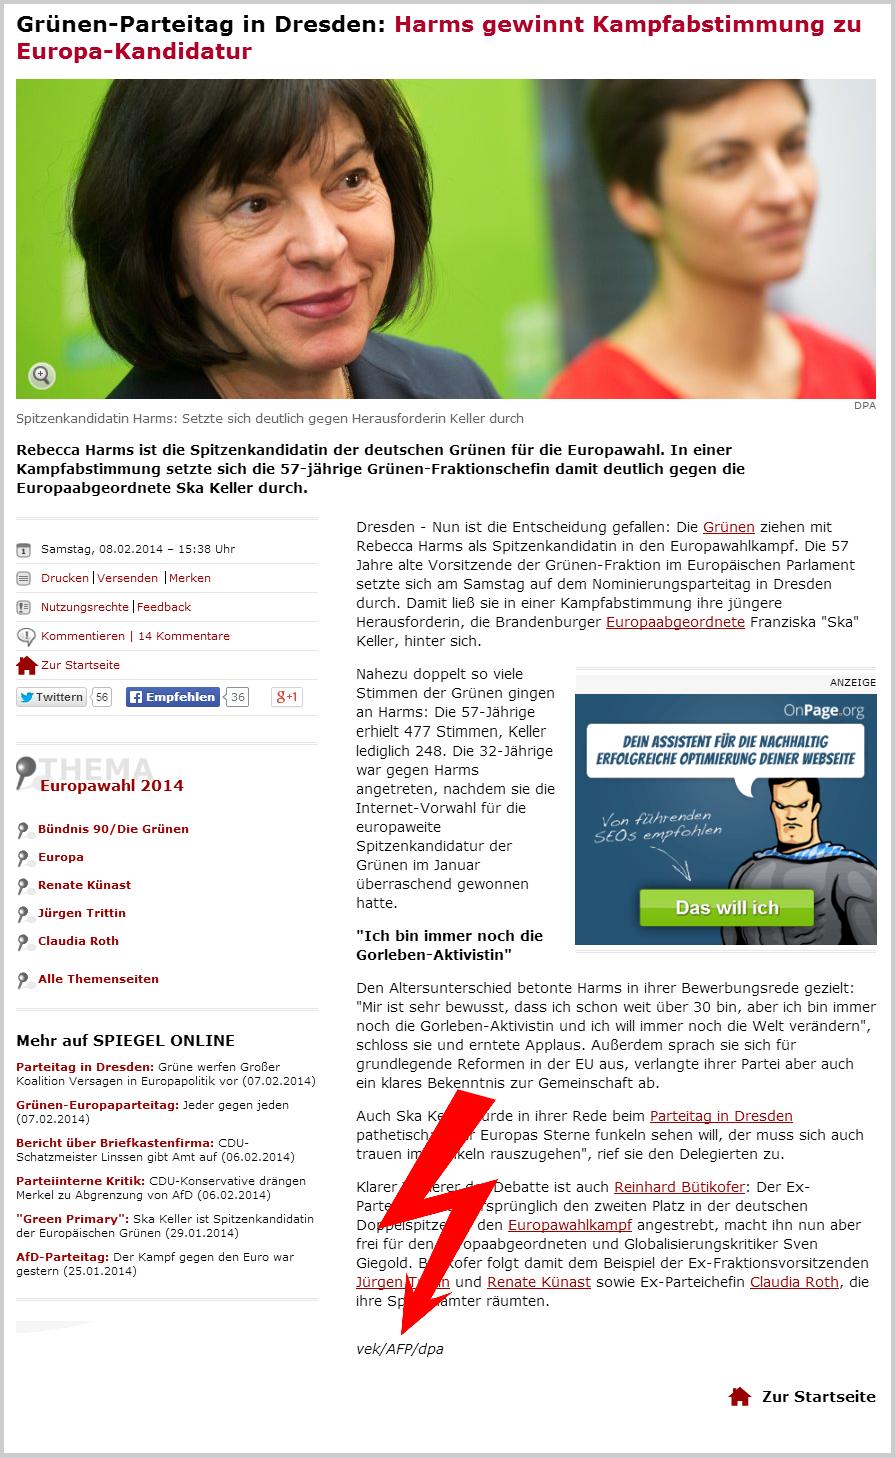 Artikel der Webseite spiegel.de